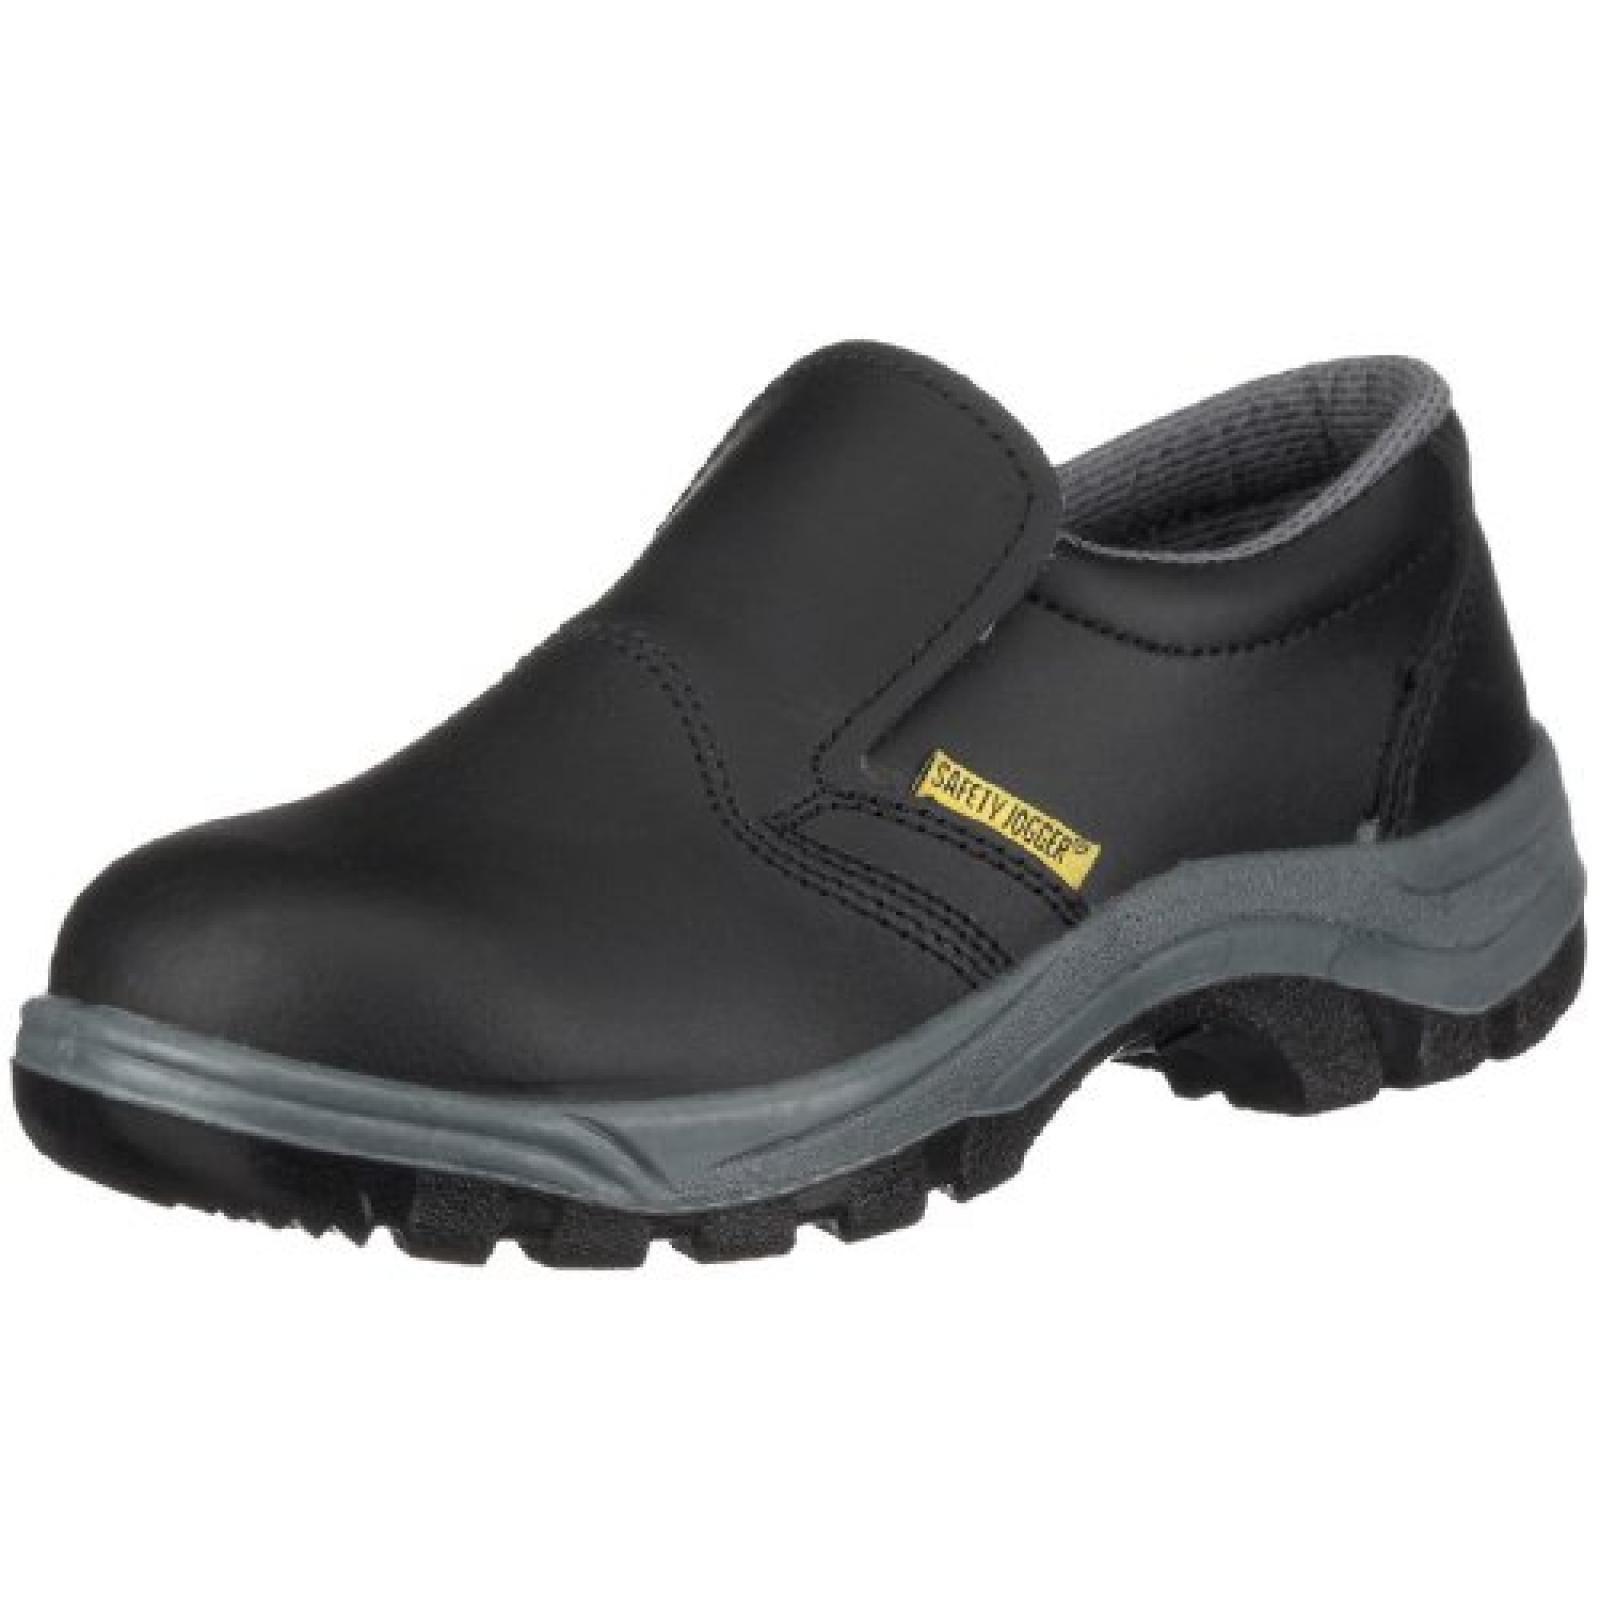 Safety Jogger X0600, Unisex - Erwachsene Arbeits & Sicherheitsschuhe S3